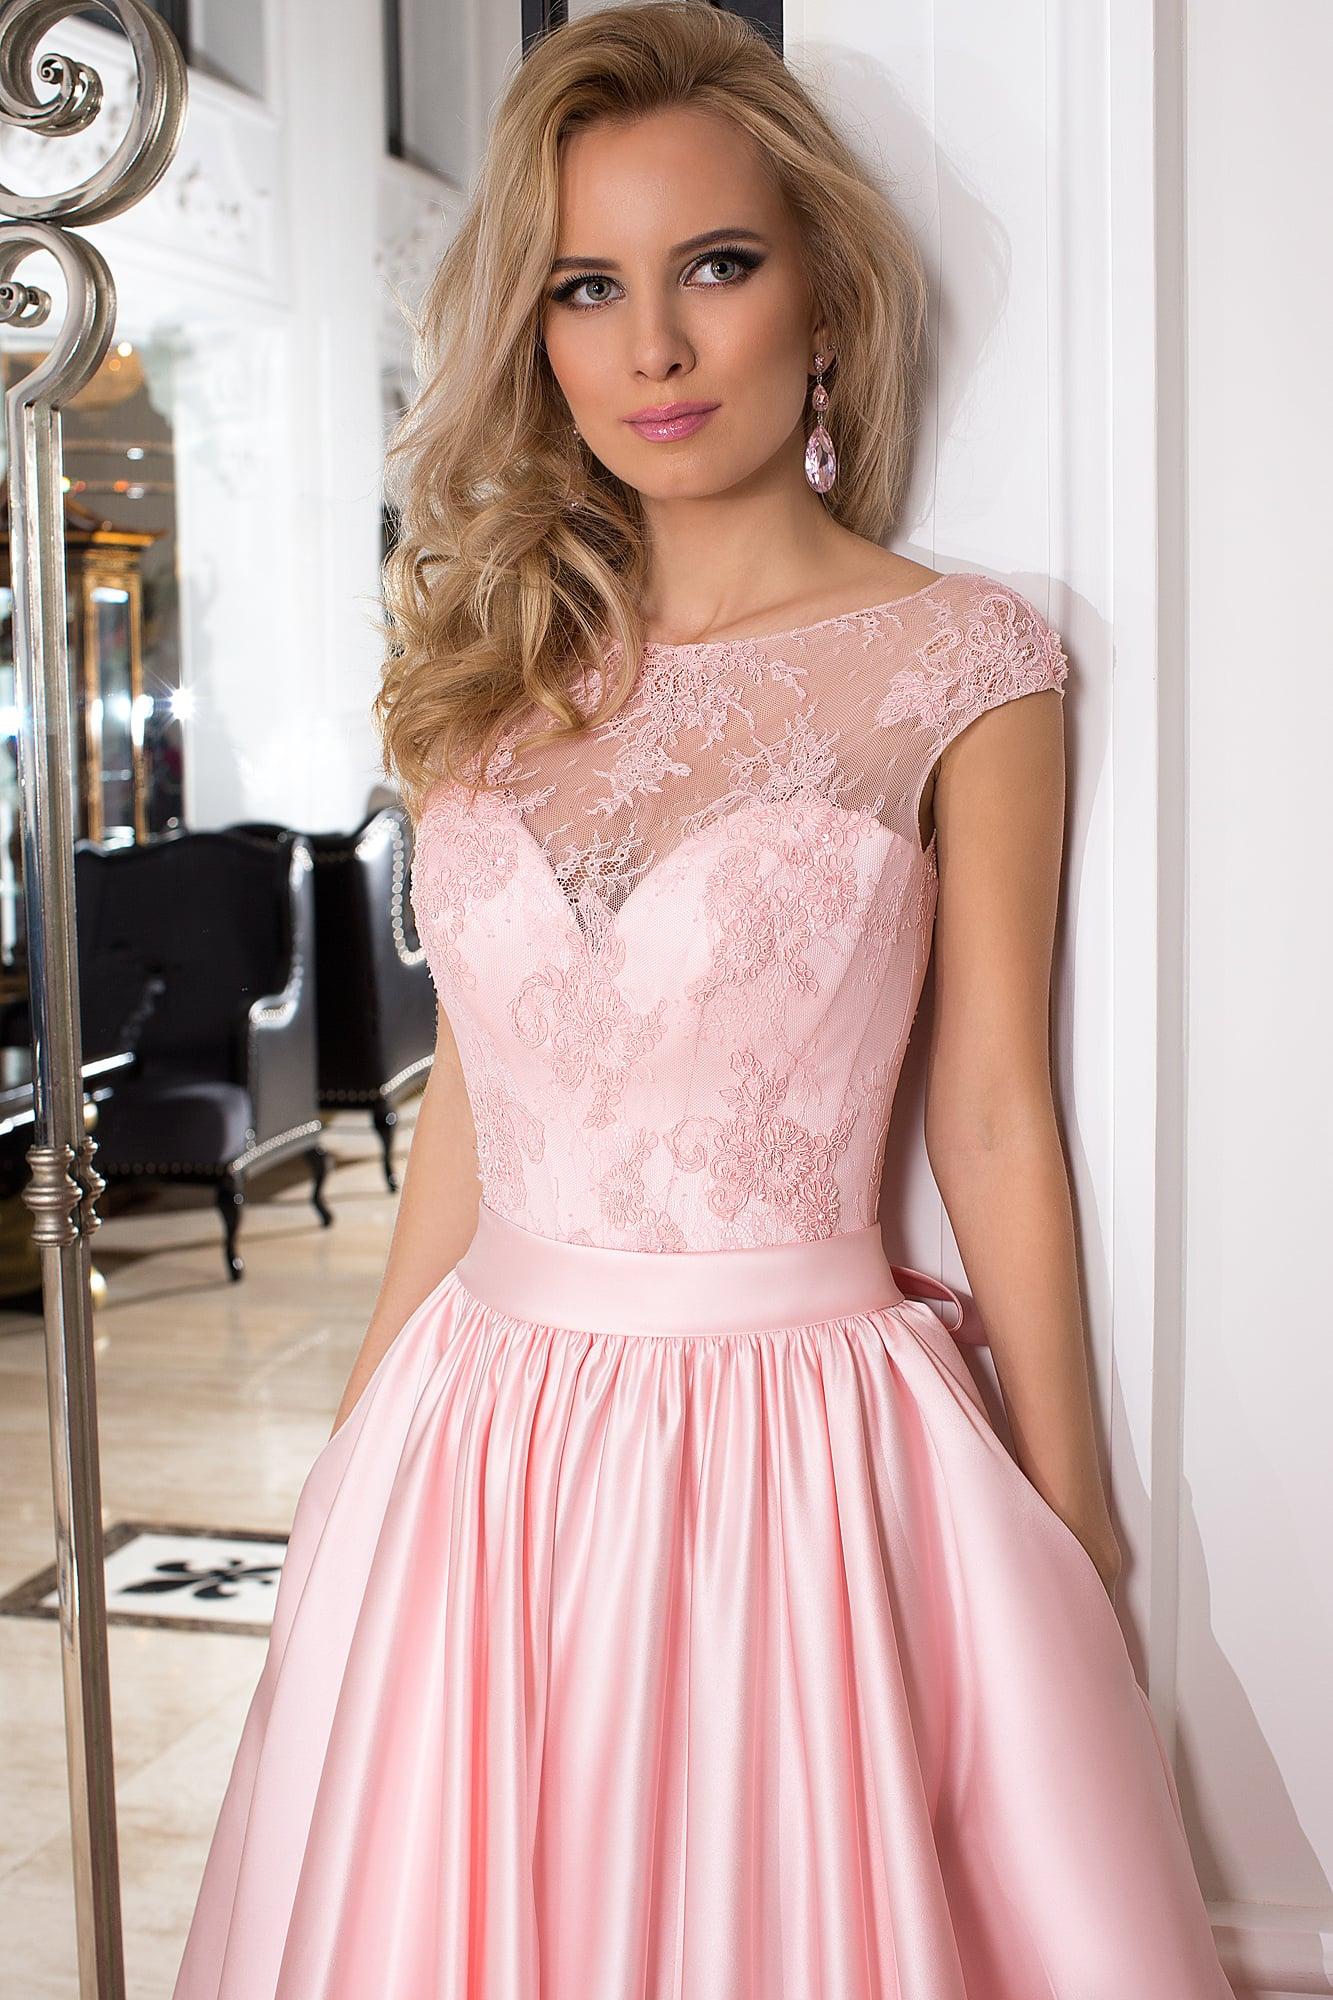 Закрытое вечернее платье розового цвета с атласной юбкой и лифом, покрытым  кружевом. 425fac9255b